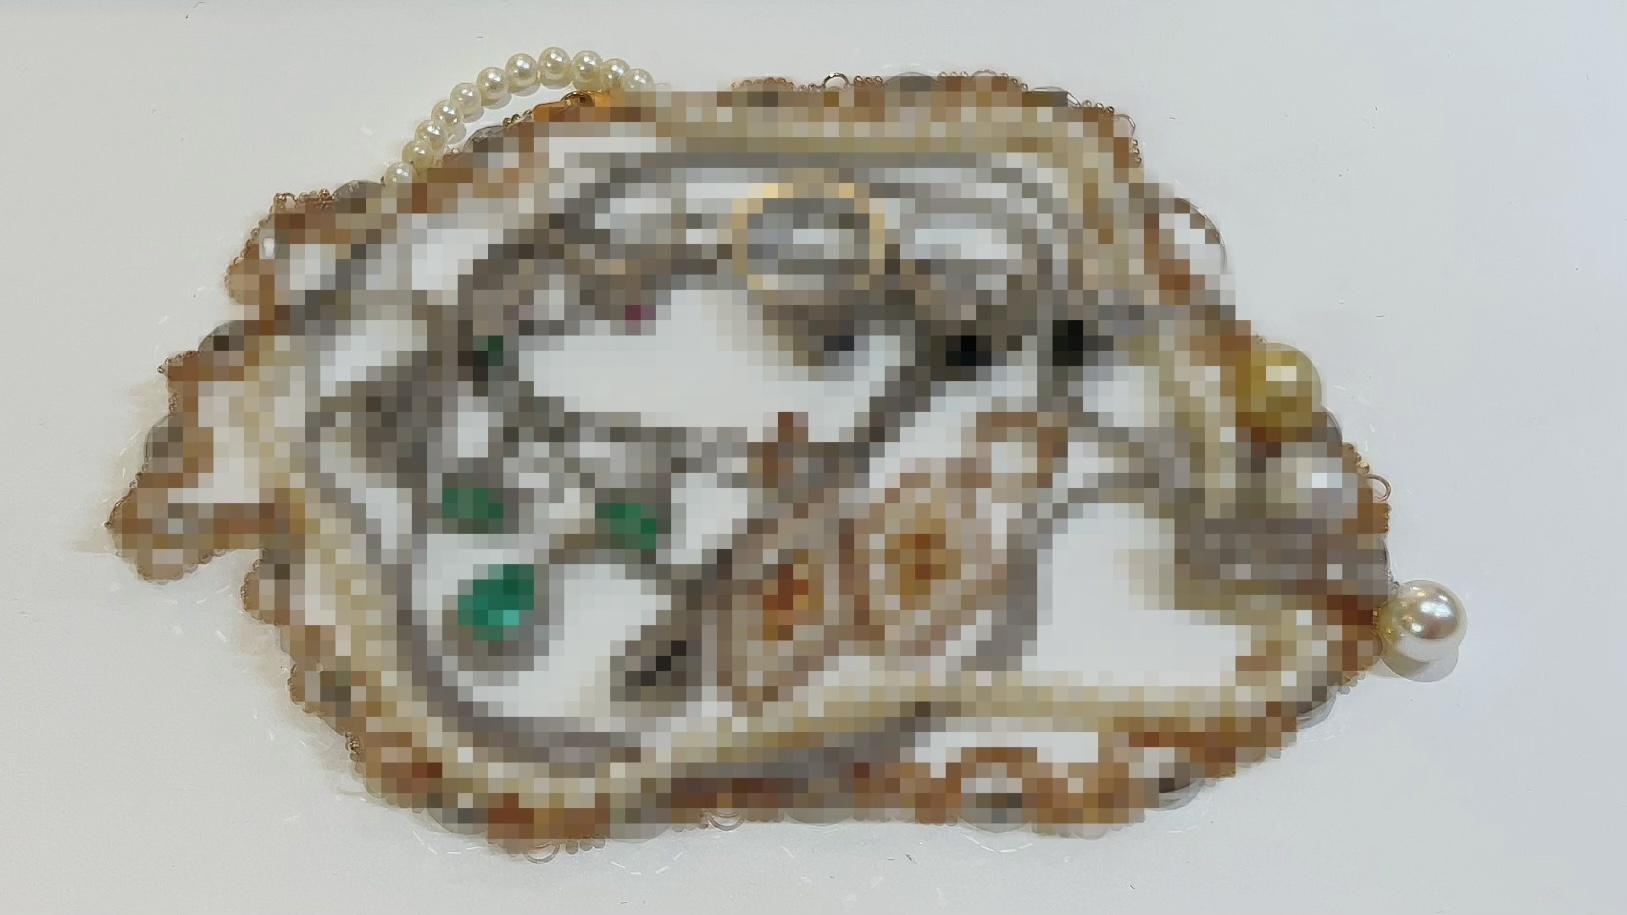 【買取速報】エメラルド、サファイヤ、ダイヤモンド、パール、ルビー、ネックレス、ピアス・イヤリ-2021-05-29